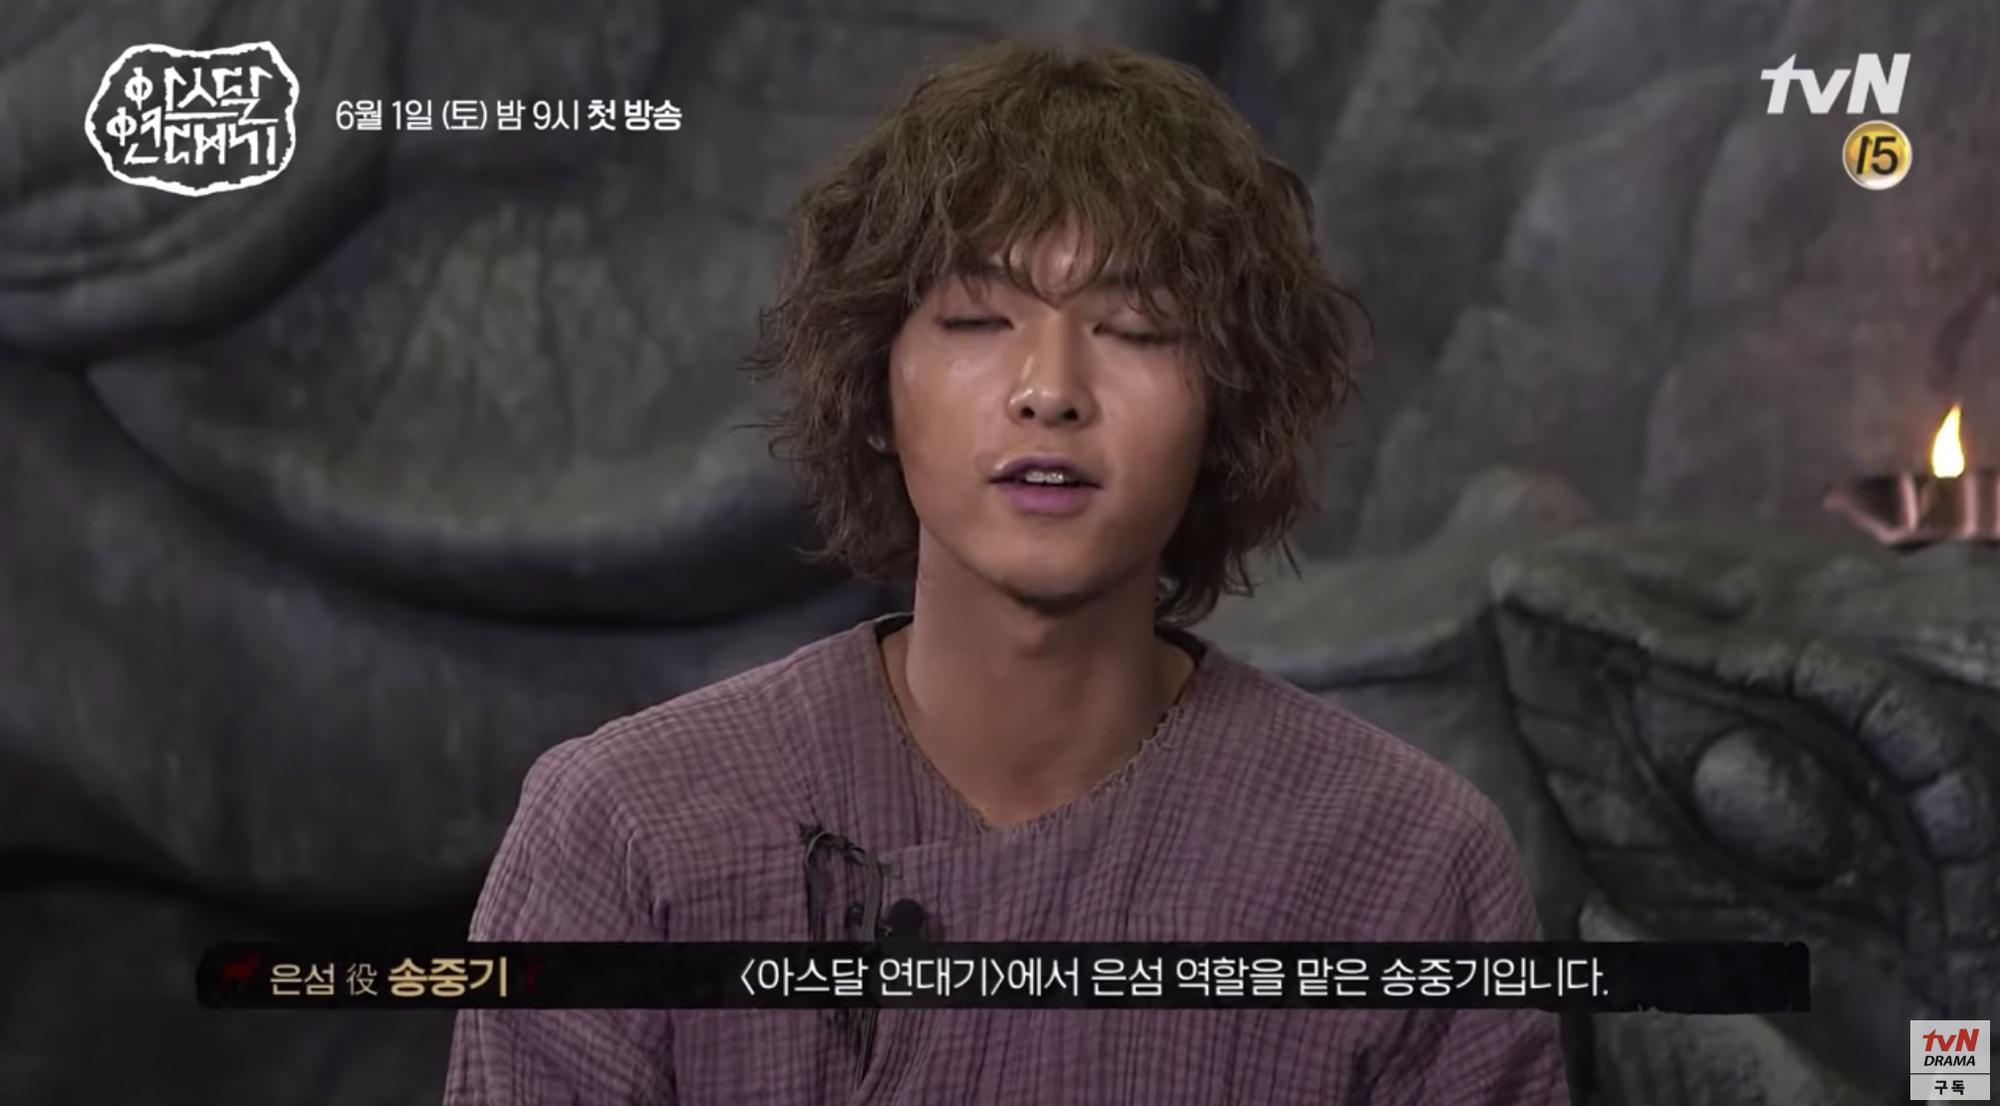 Ngắm Song Joong Ki đánh khối lồng lộn chỉ muốn thốt lên: Nhìn mà tức giùm Song Hye Kyo luôn á! - Ảnh 1.